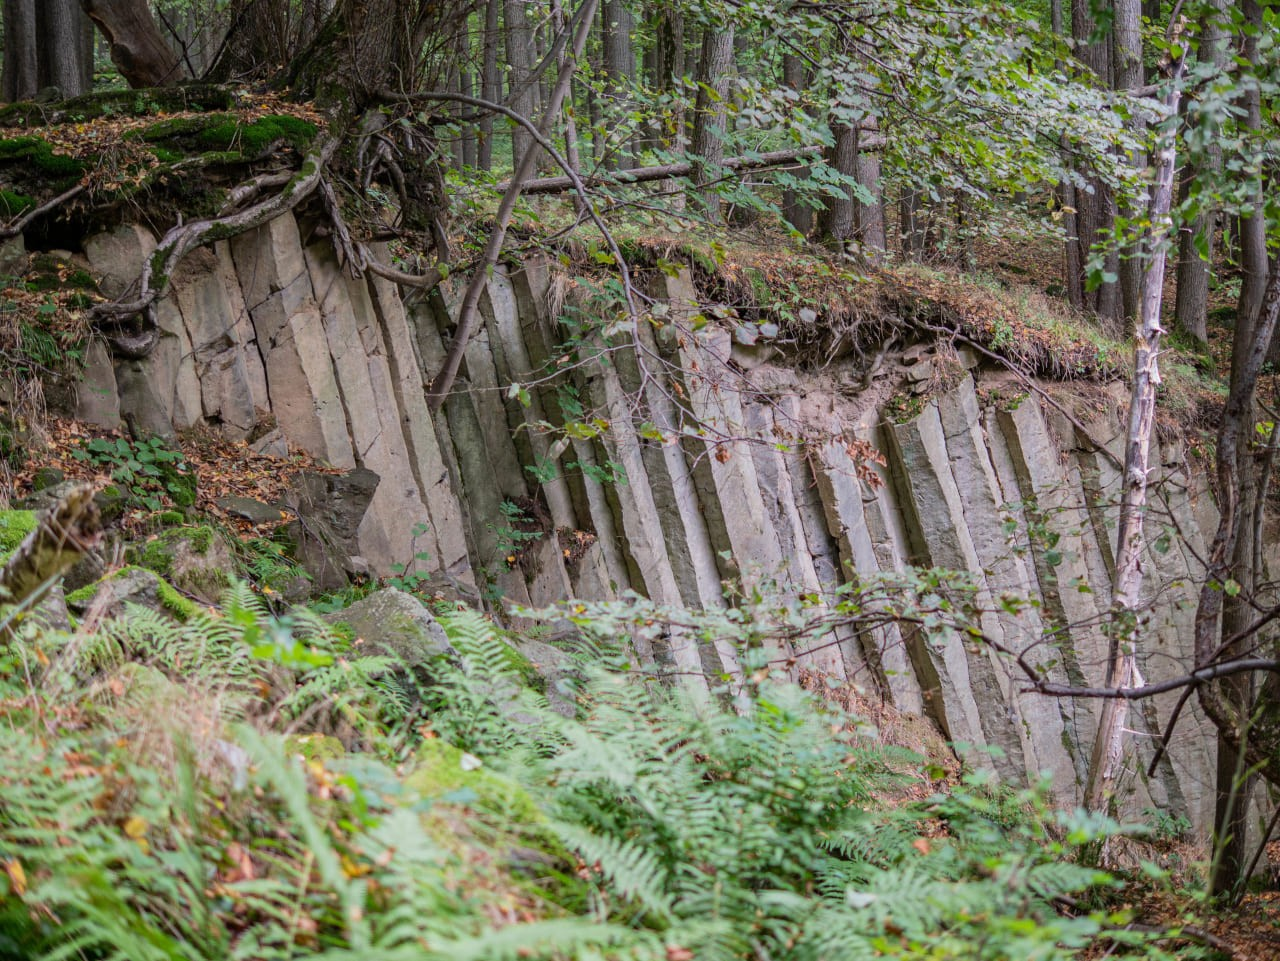 Wzgórza Muchowskie Szlak Trasa na Wieżę Niewidokową Skały Formacje Bazaltowe Powulkaniczne Dzika Ciekawa Przyroda Niedaleko Wrocławia